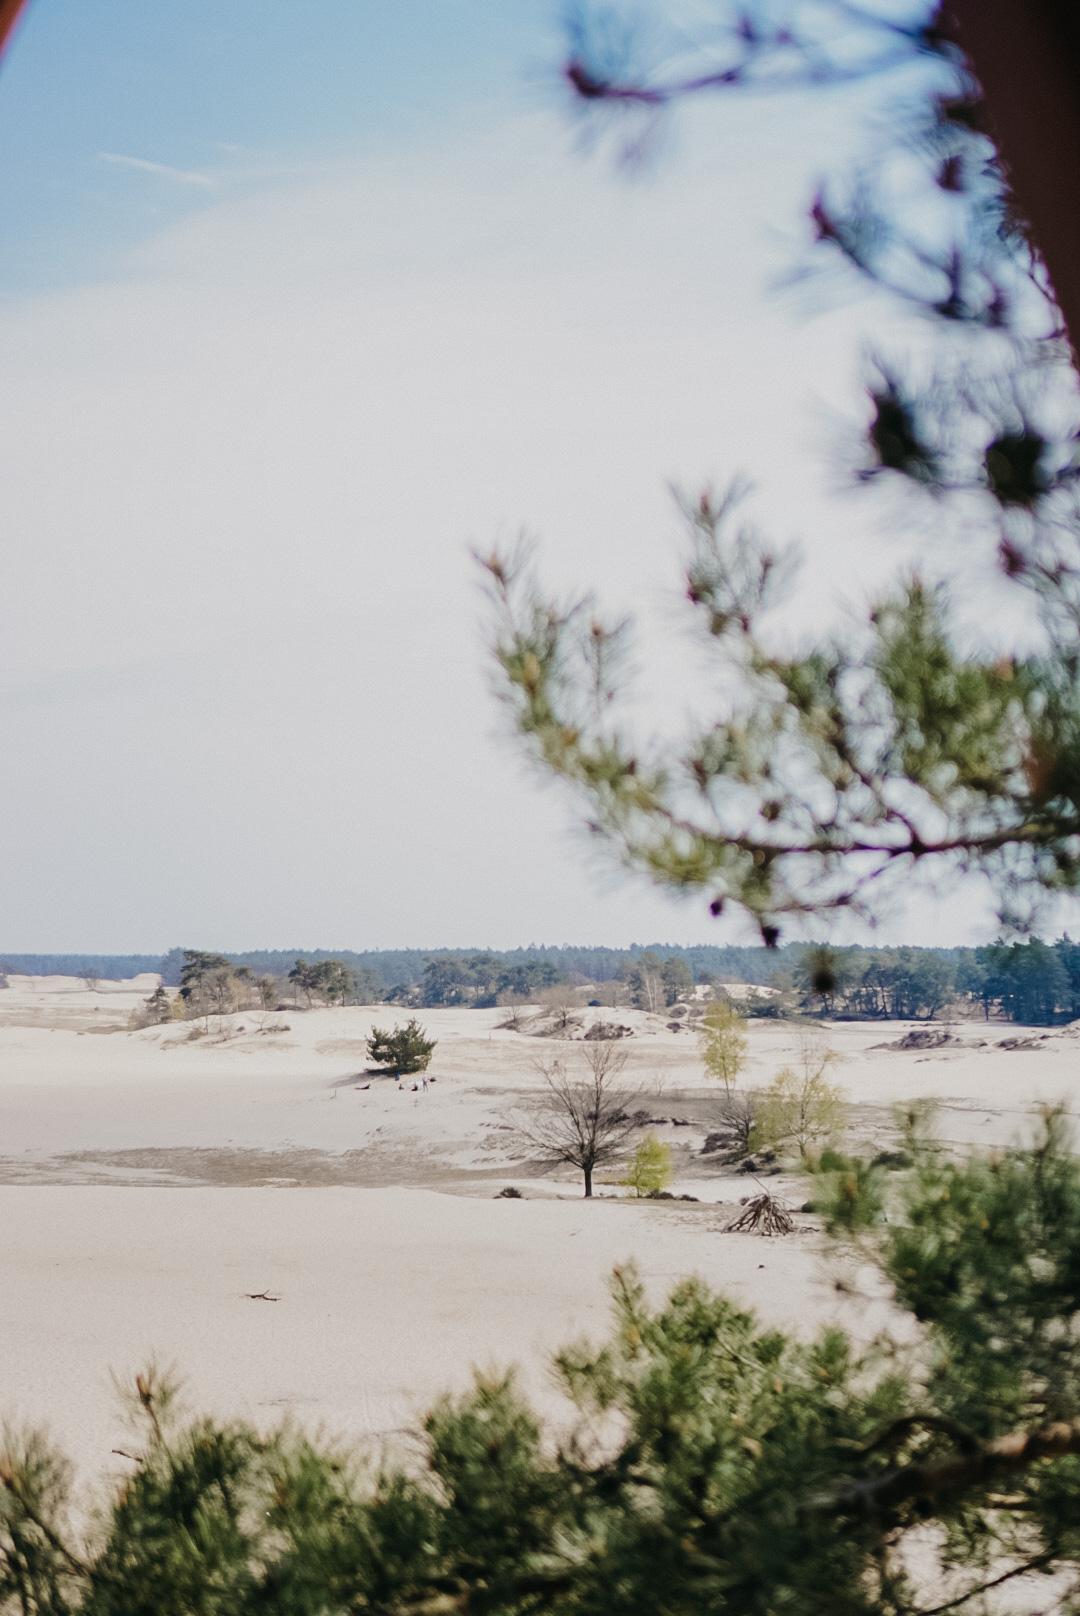 natuurgebied zandverstuiving vakantie in nederland